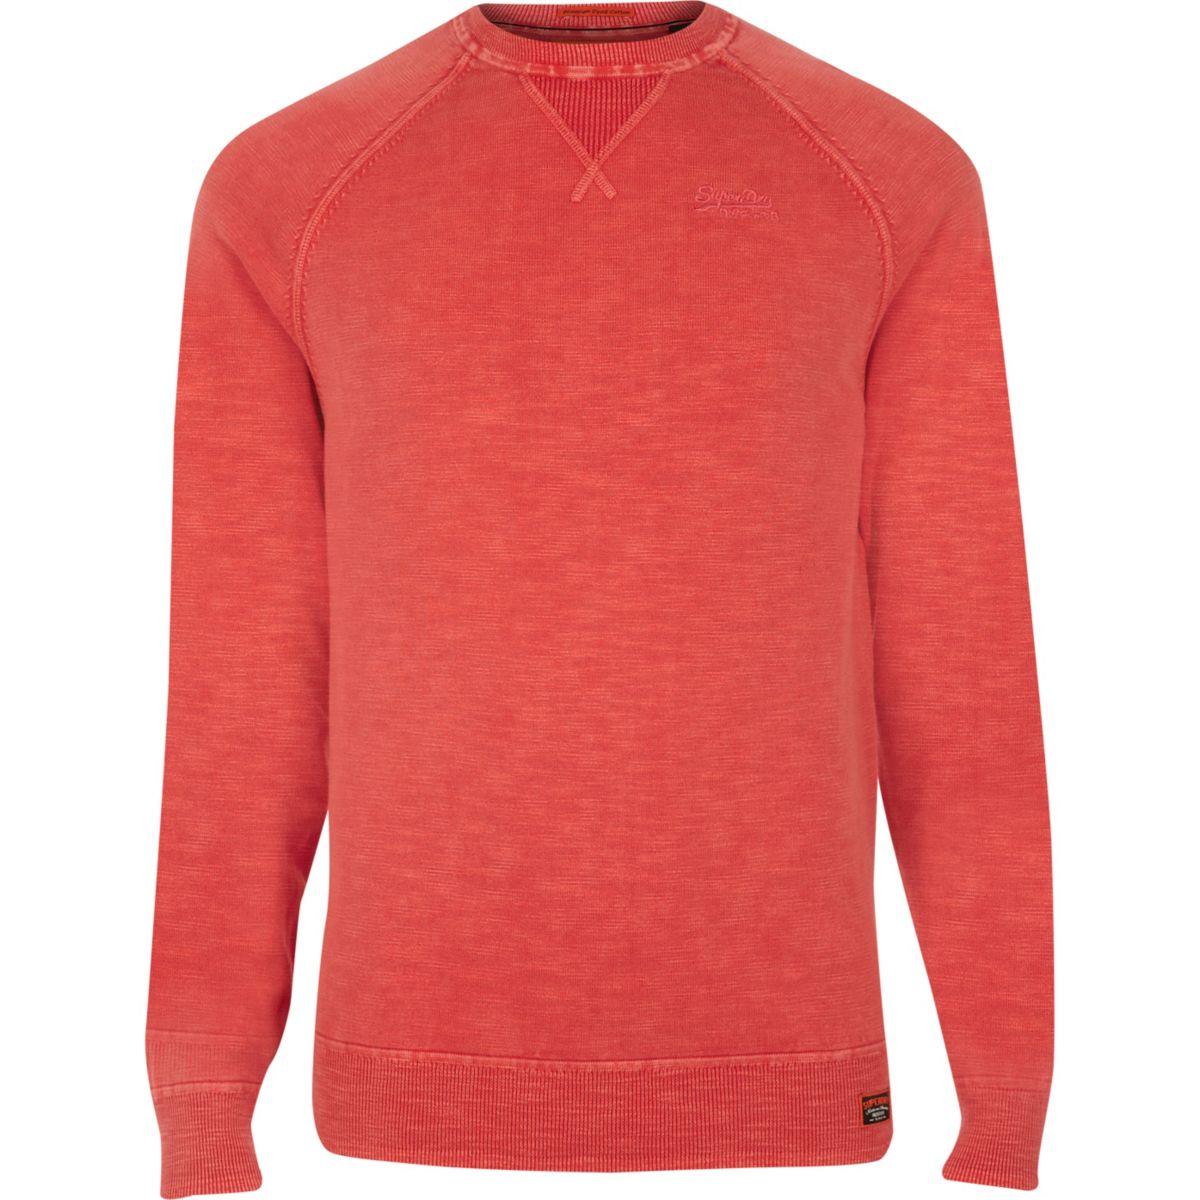 Superdry orange jumper